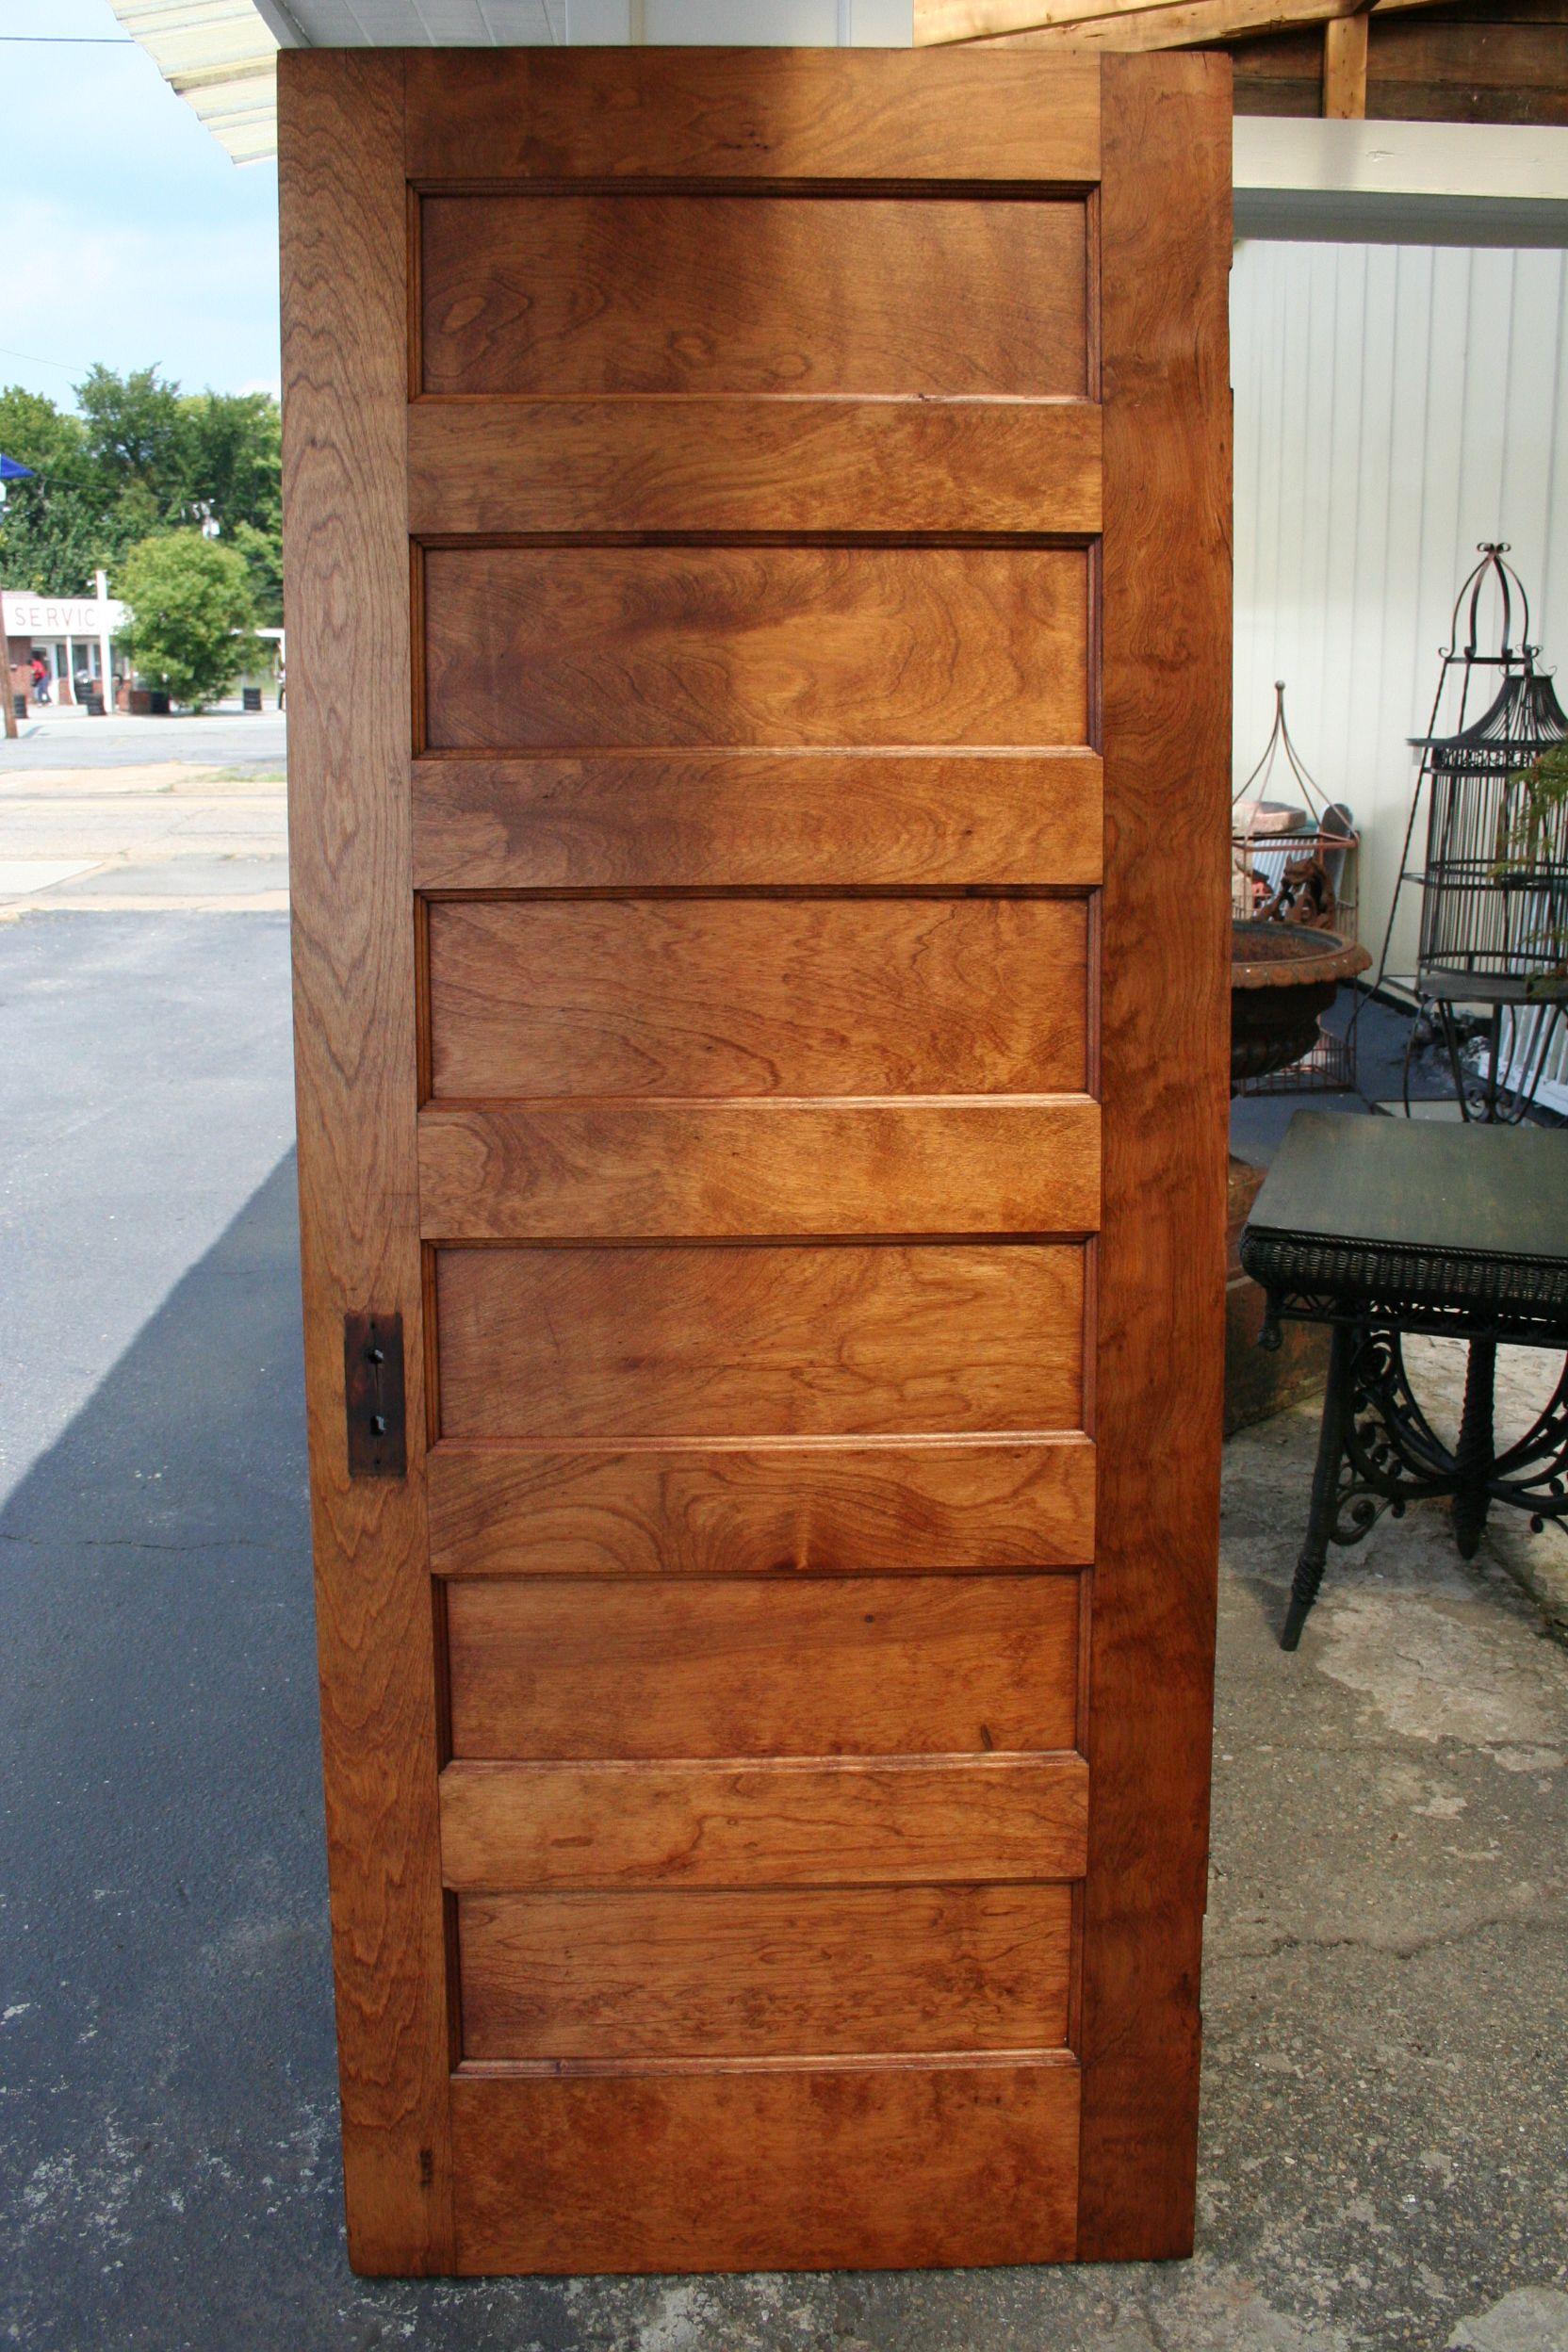 Antique Doors For Sale Six Panel Richmond Doors For Sale Classifieds Doors